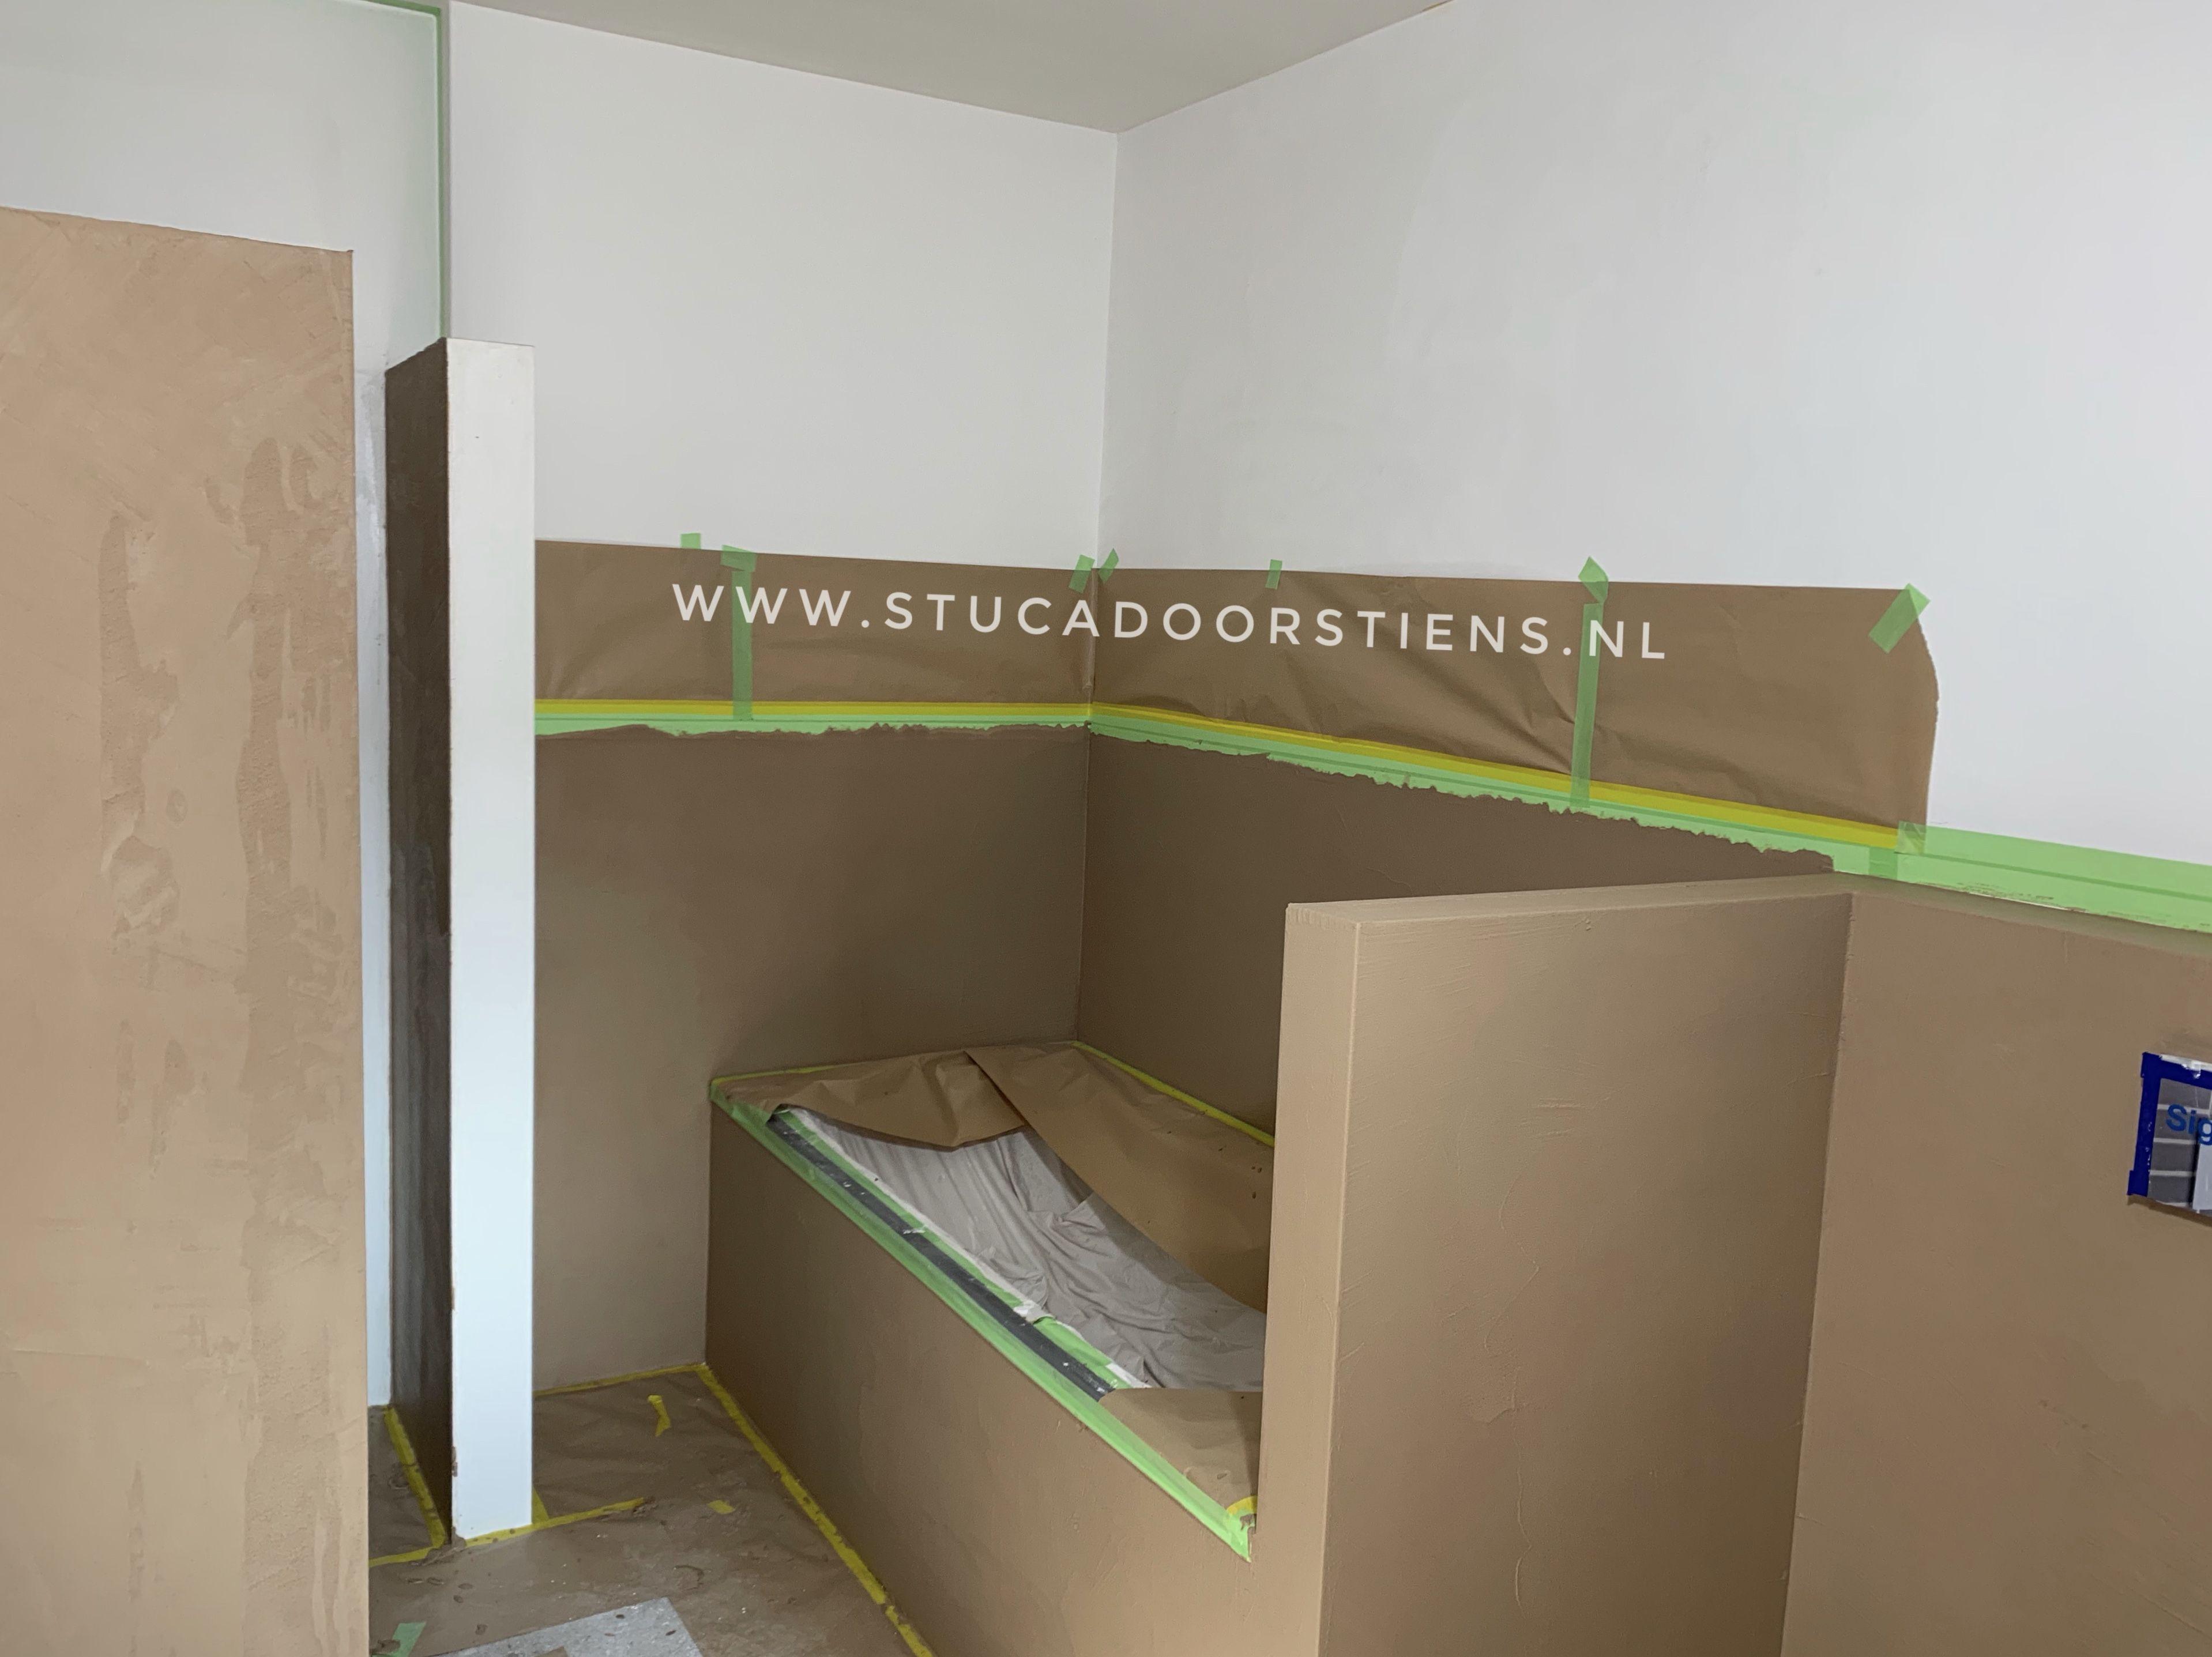 Stucwerk Badkamer Waterdicht : Aanbrengen van betoncire in de badkamer waterdicht stucwerk in meer